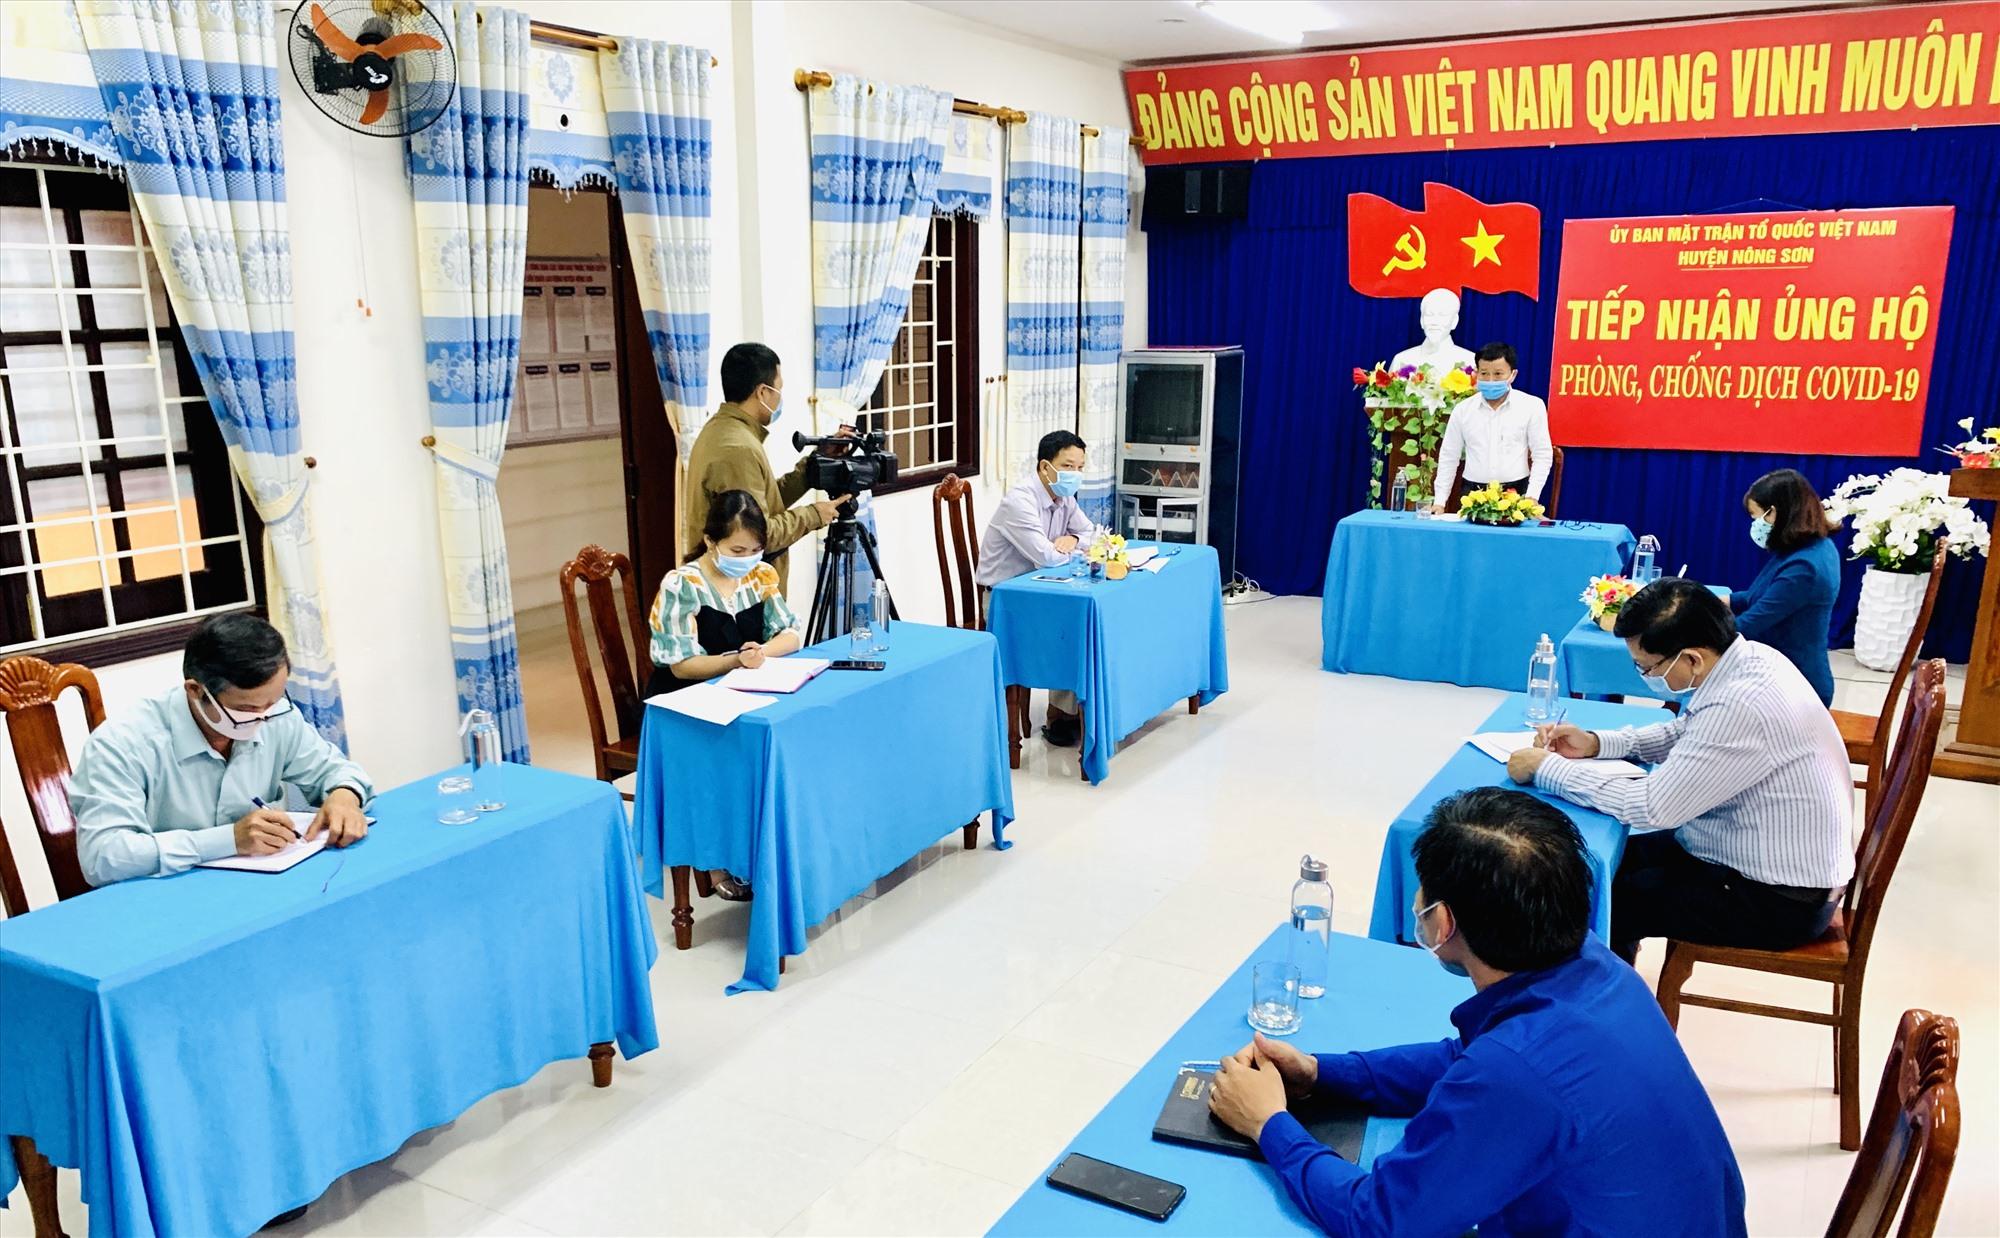 Ông Thái Bình - Bí thư Huyện ủy Nông Sơn đánh giá cao những nỗ lực của Ủy ban MTTQ Việt Nam và các đoàn thể chính trị - xã hội trong phòng, chống dịch Covid-19.